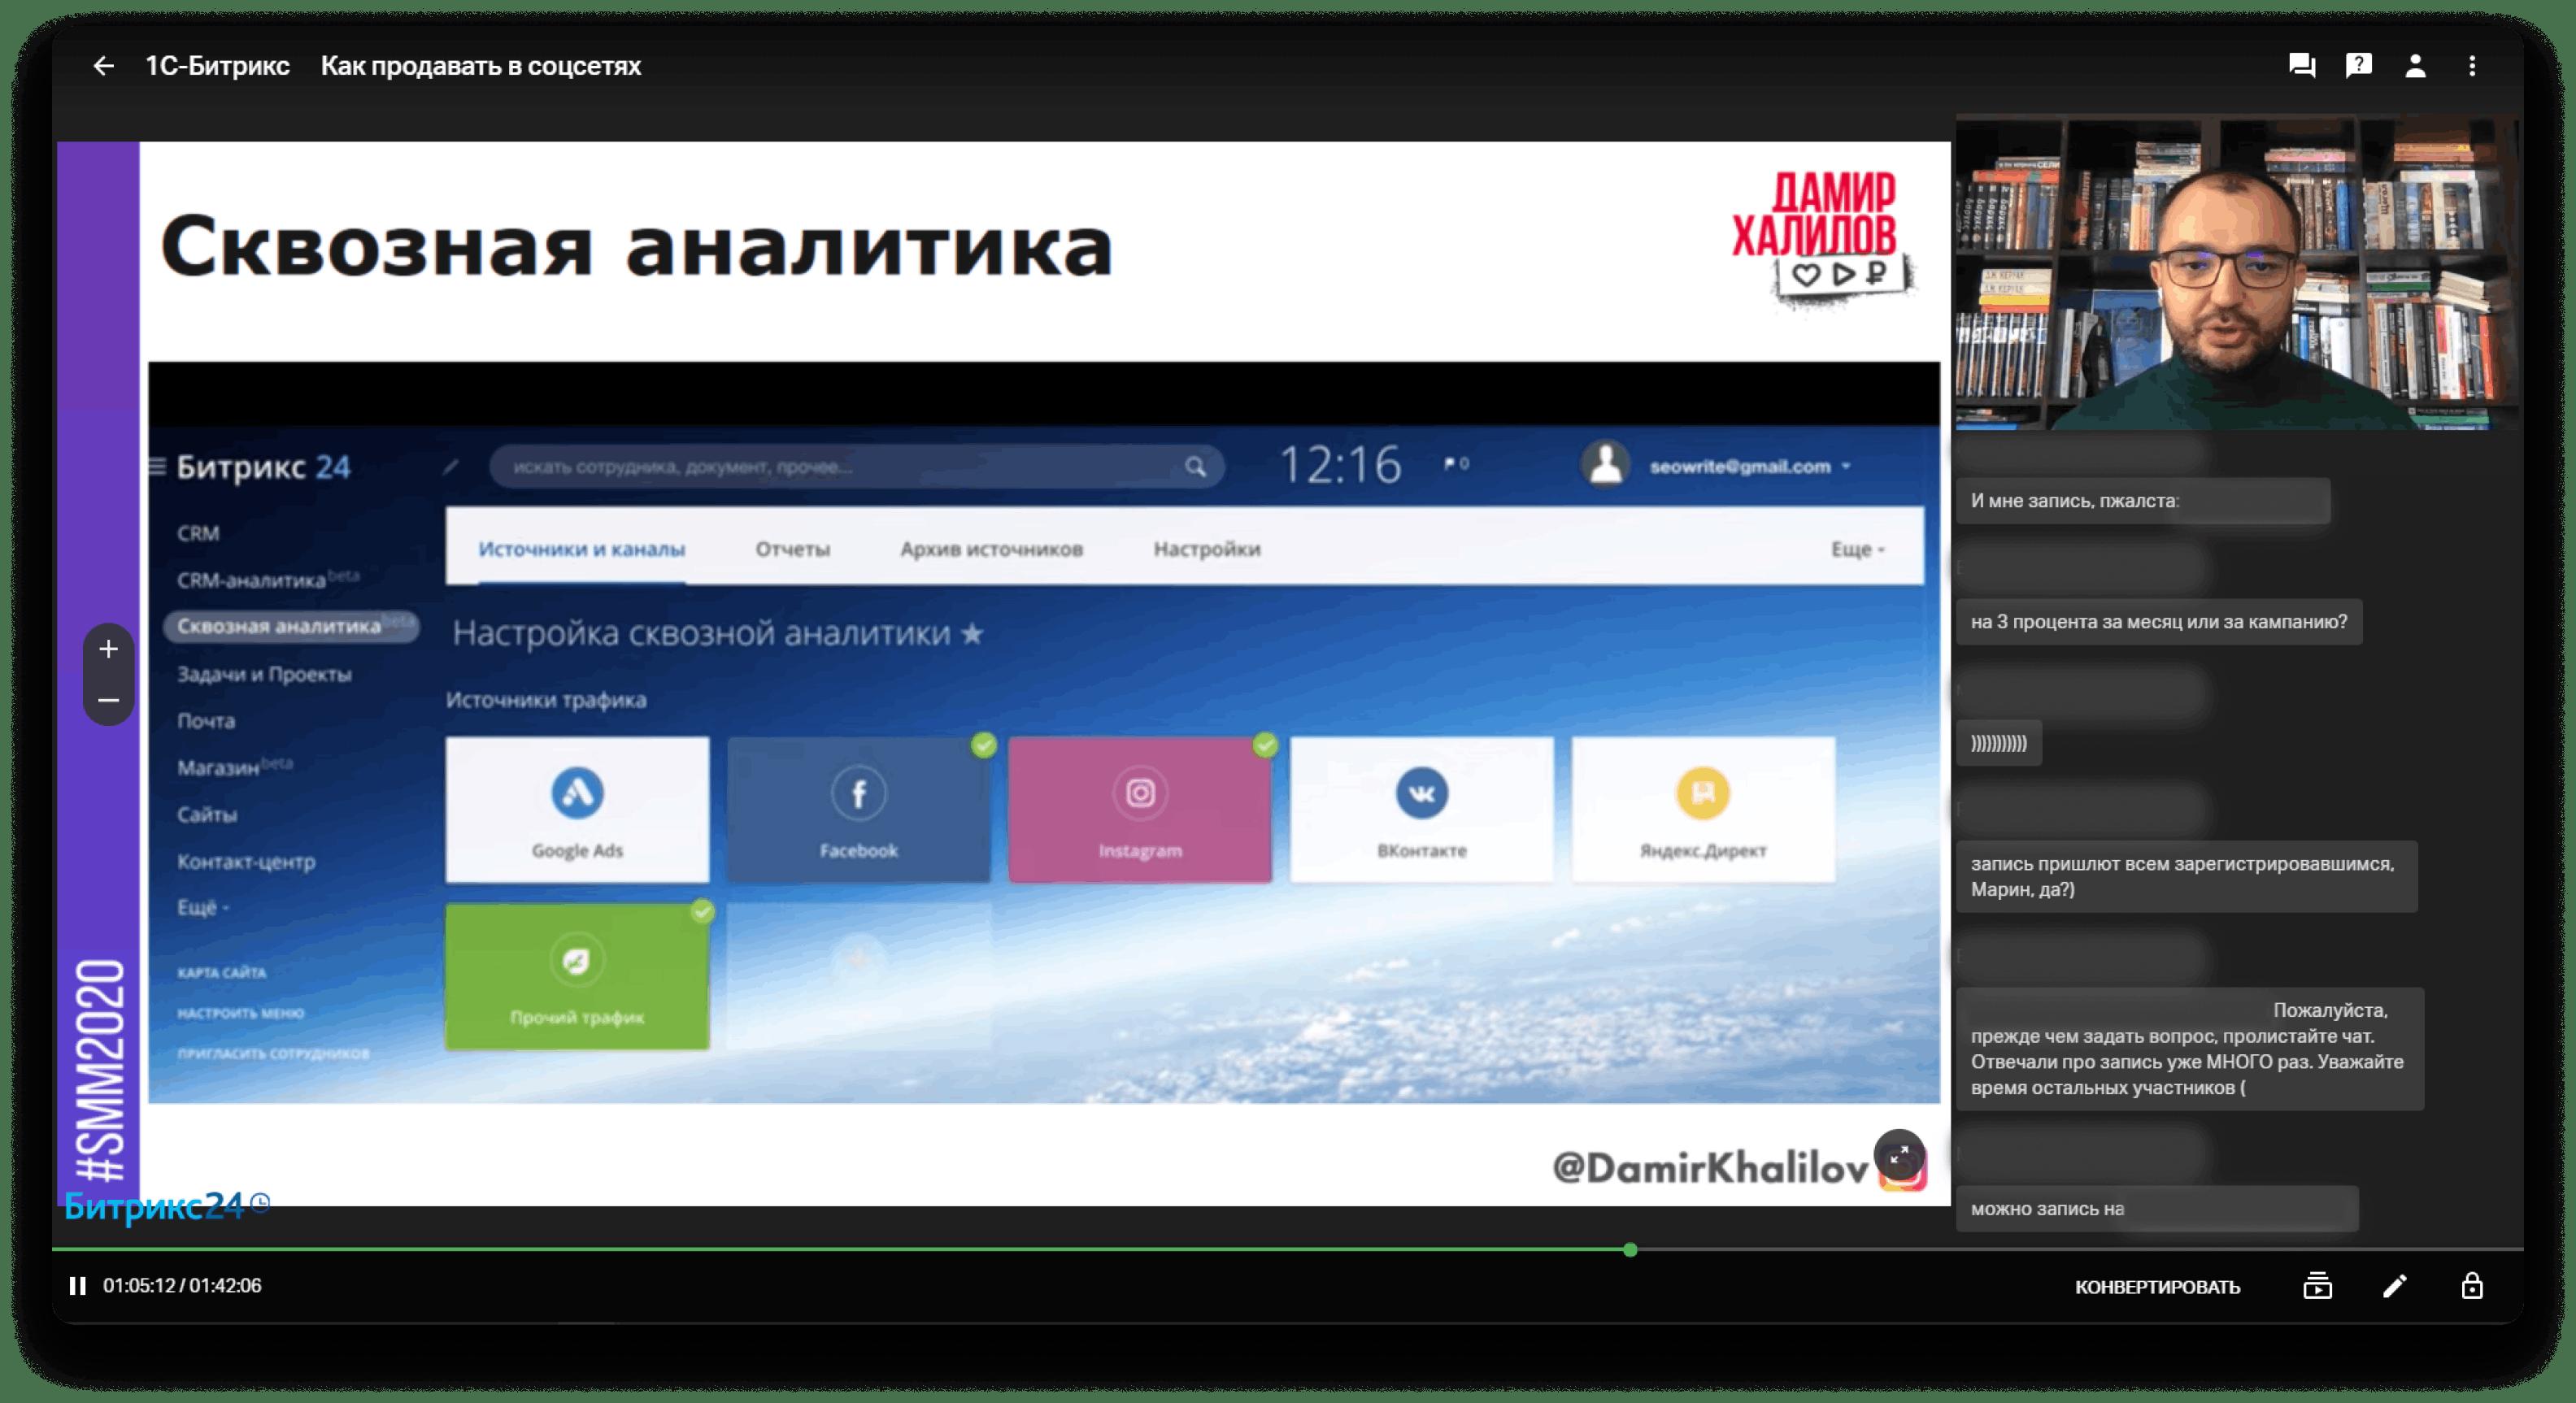 skvoznaya_analitika